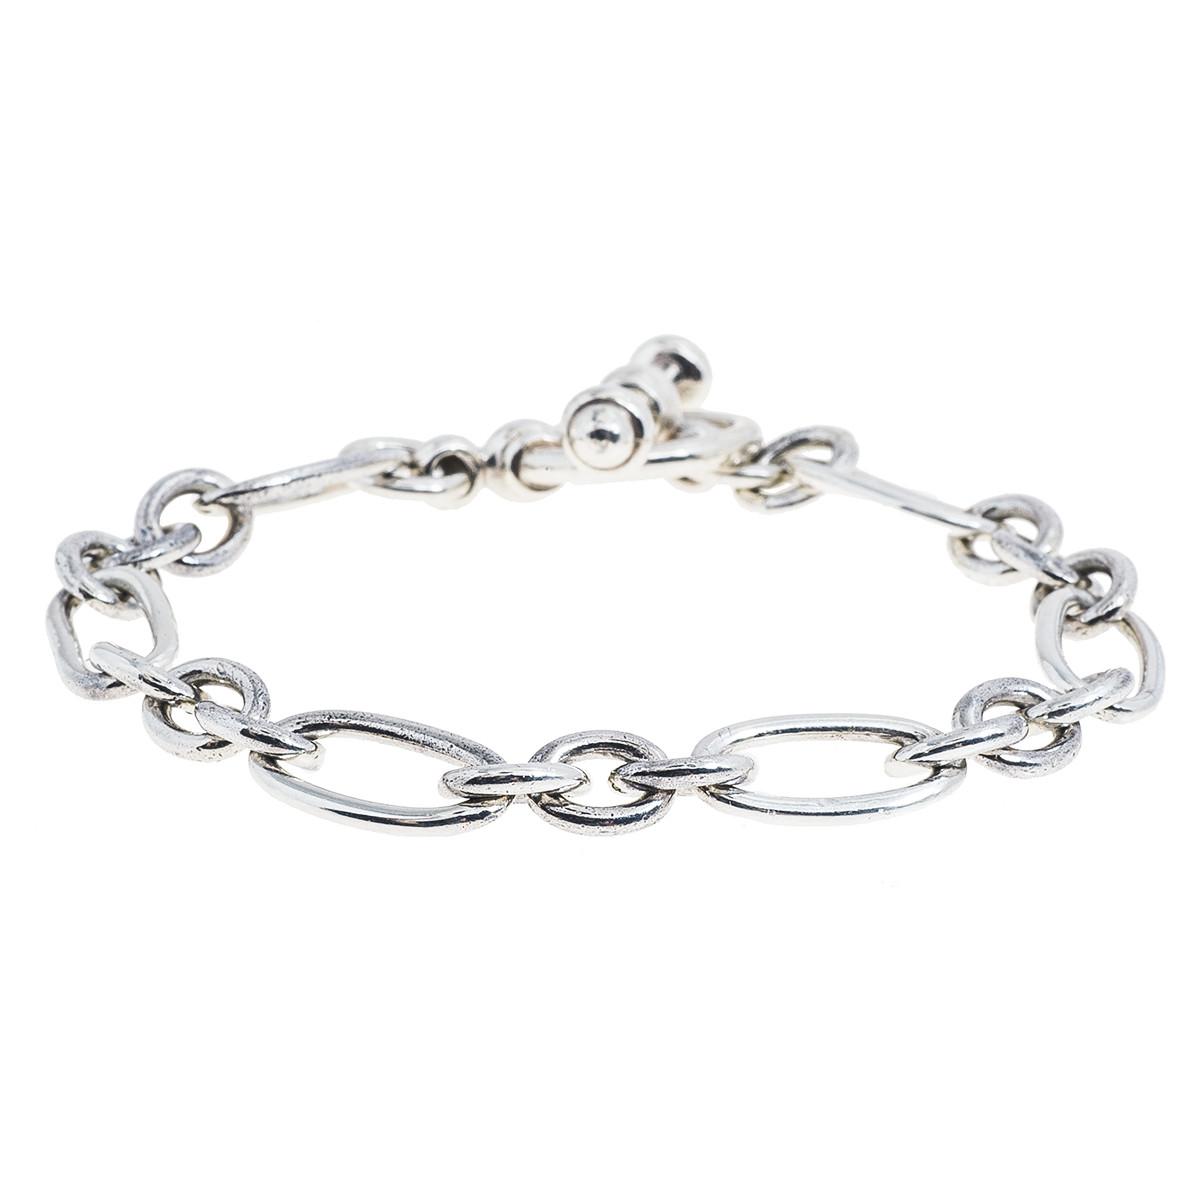 Vintage Tiffany & Co. Paloma Picasso Open Link Bracelet